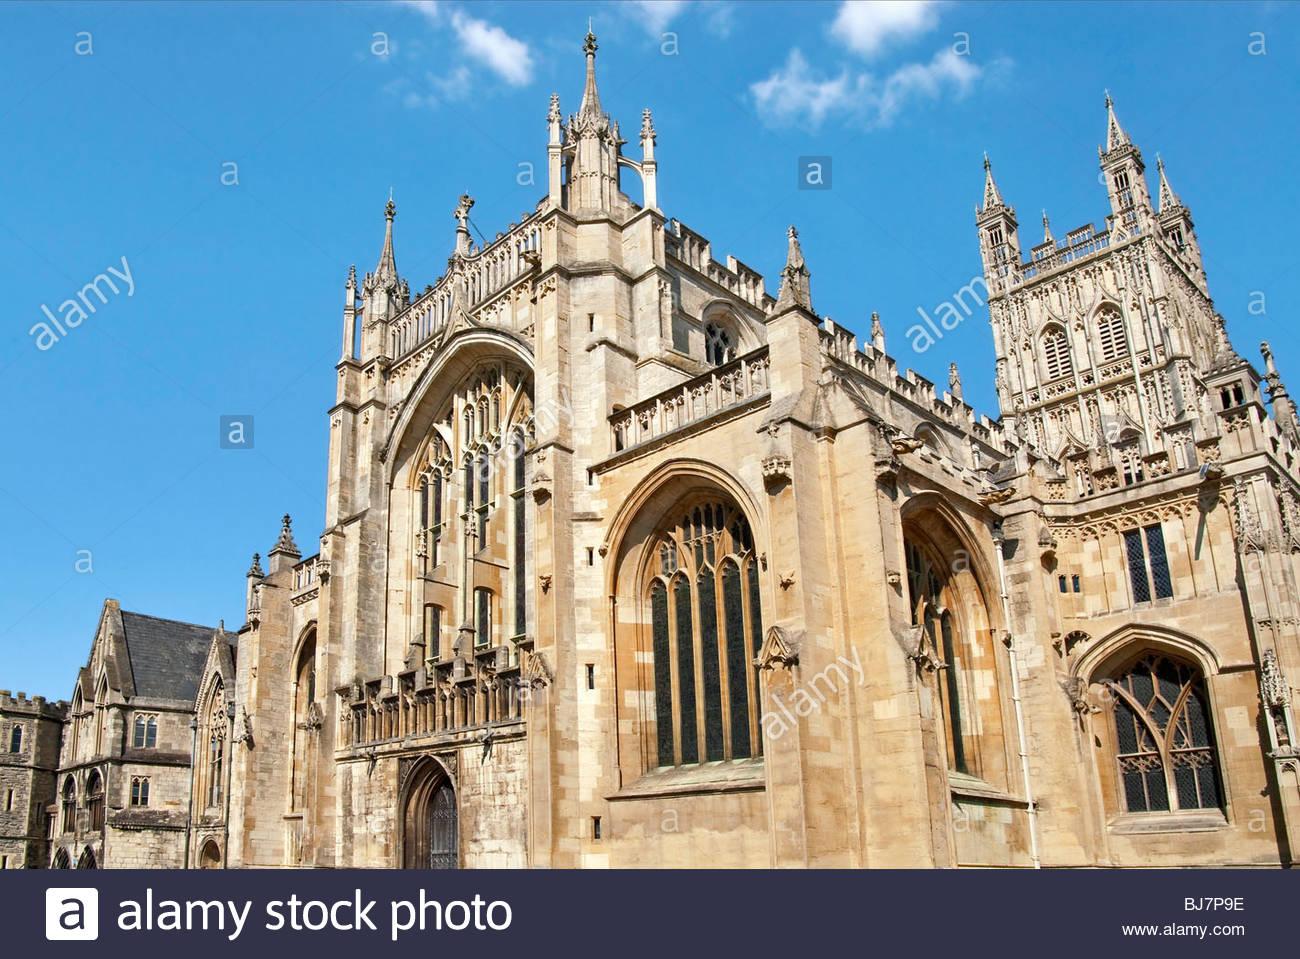 Bild der Kathedrale von Gloucester, oder die Kathedrale St. Peter und der Heiligen und ungeteilten Dreifaltigkeit Stockbild